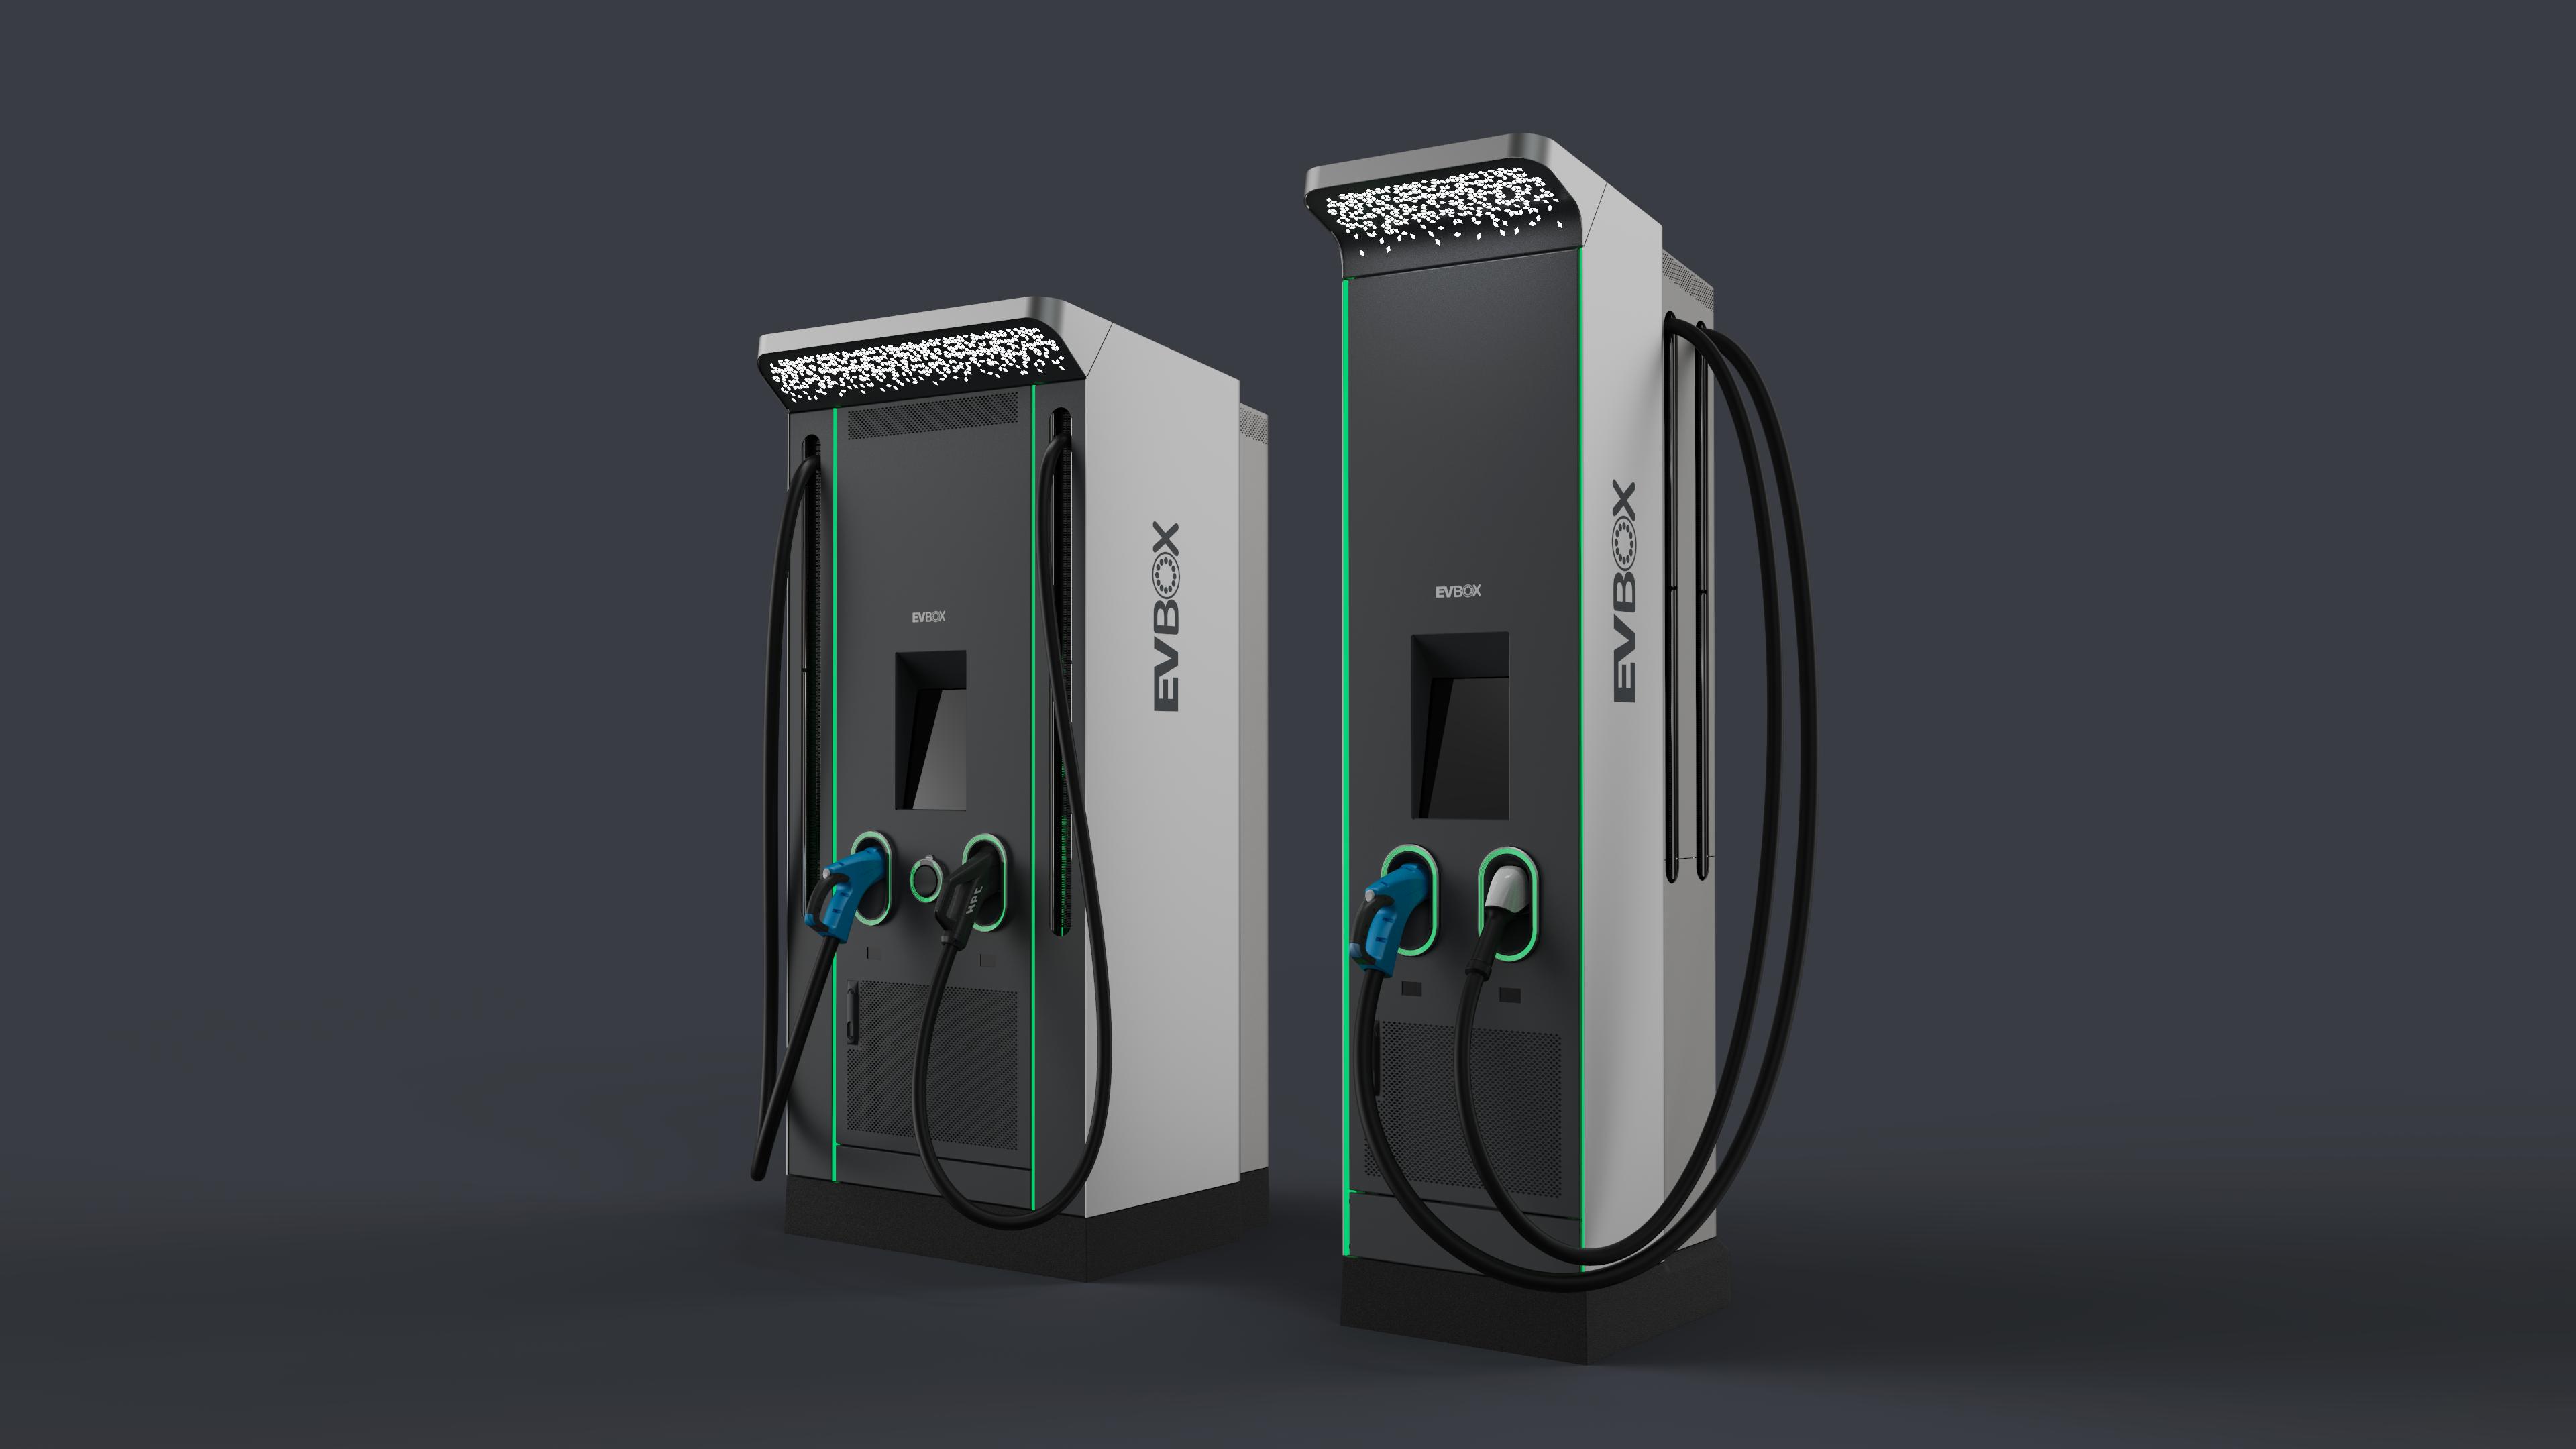 Left: EVBox Troniq 100, Right: EVBox Ultroniq